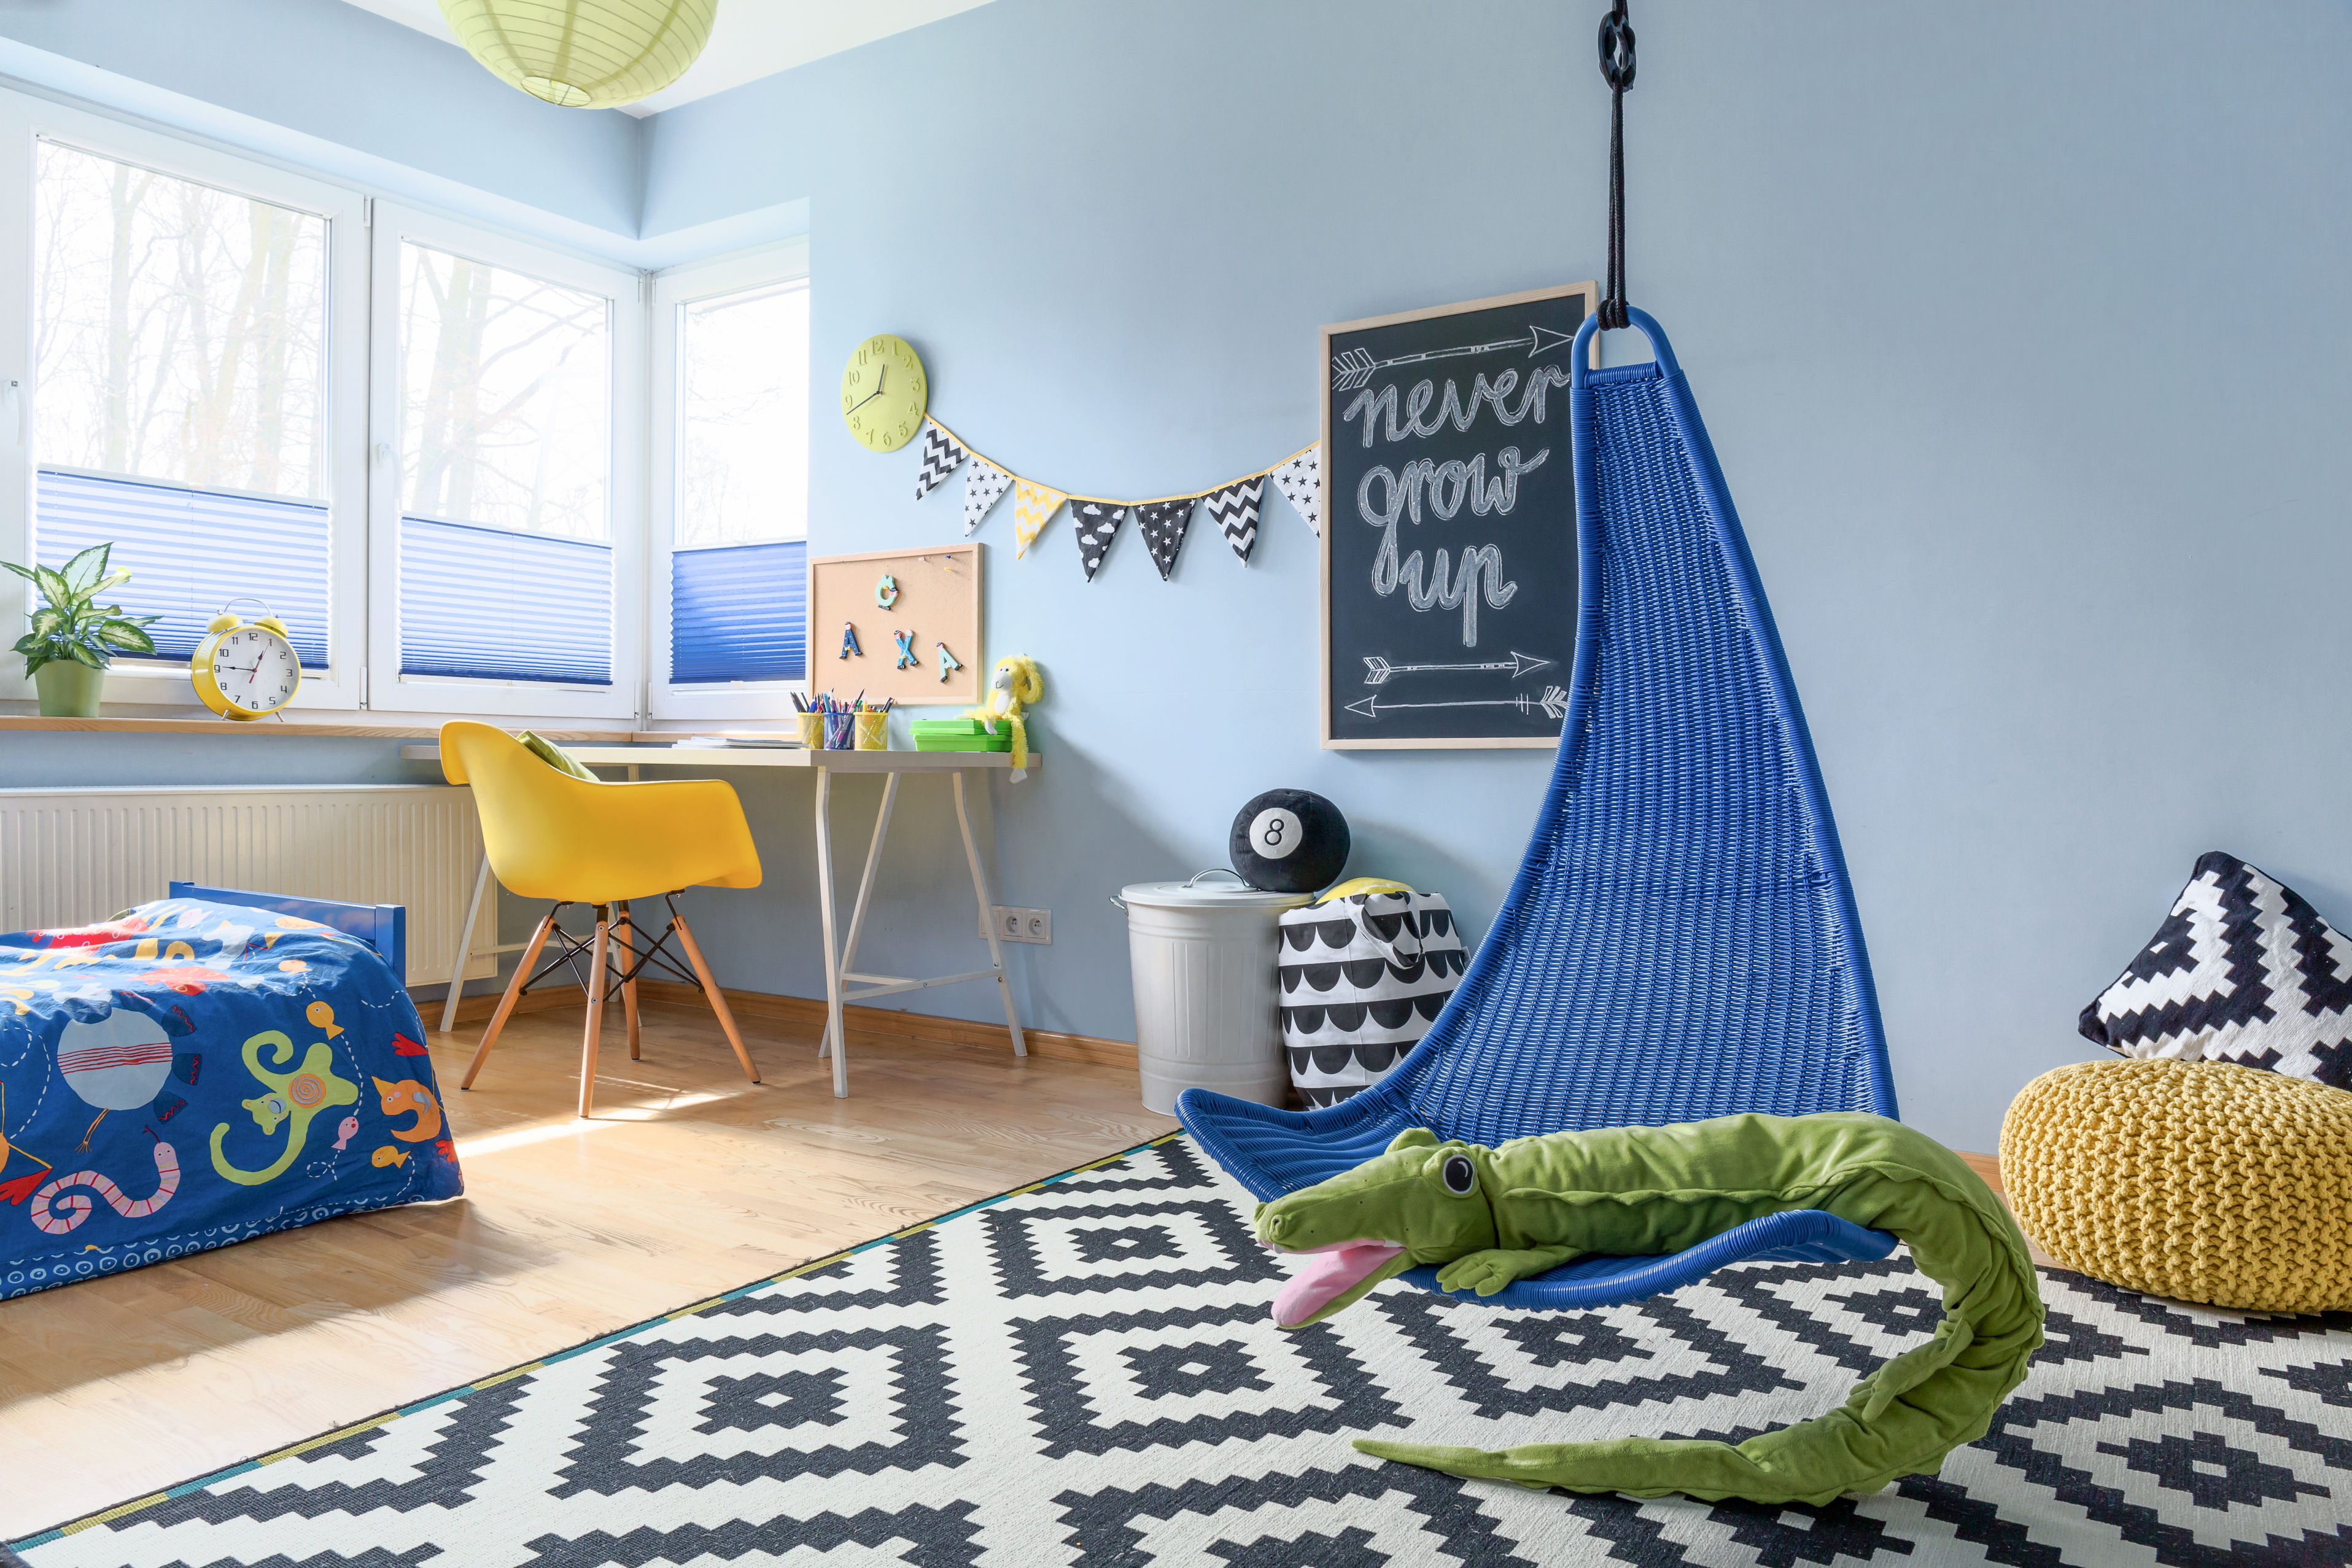 comment am nager un espace de travail dans une chambre d 39 enfant le mag visiondeco. Black Bedroom Furniture Sets. Home Design Ideas